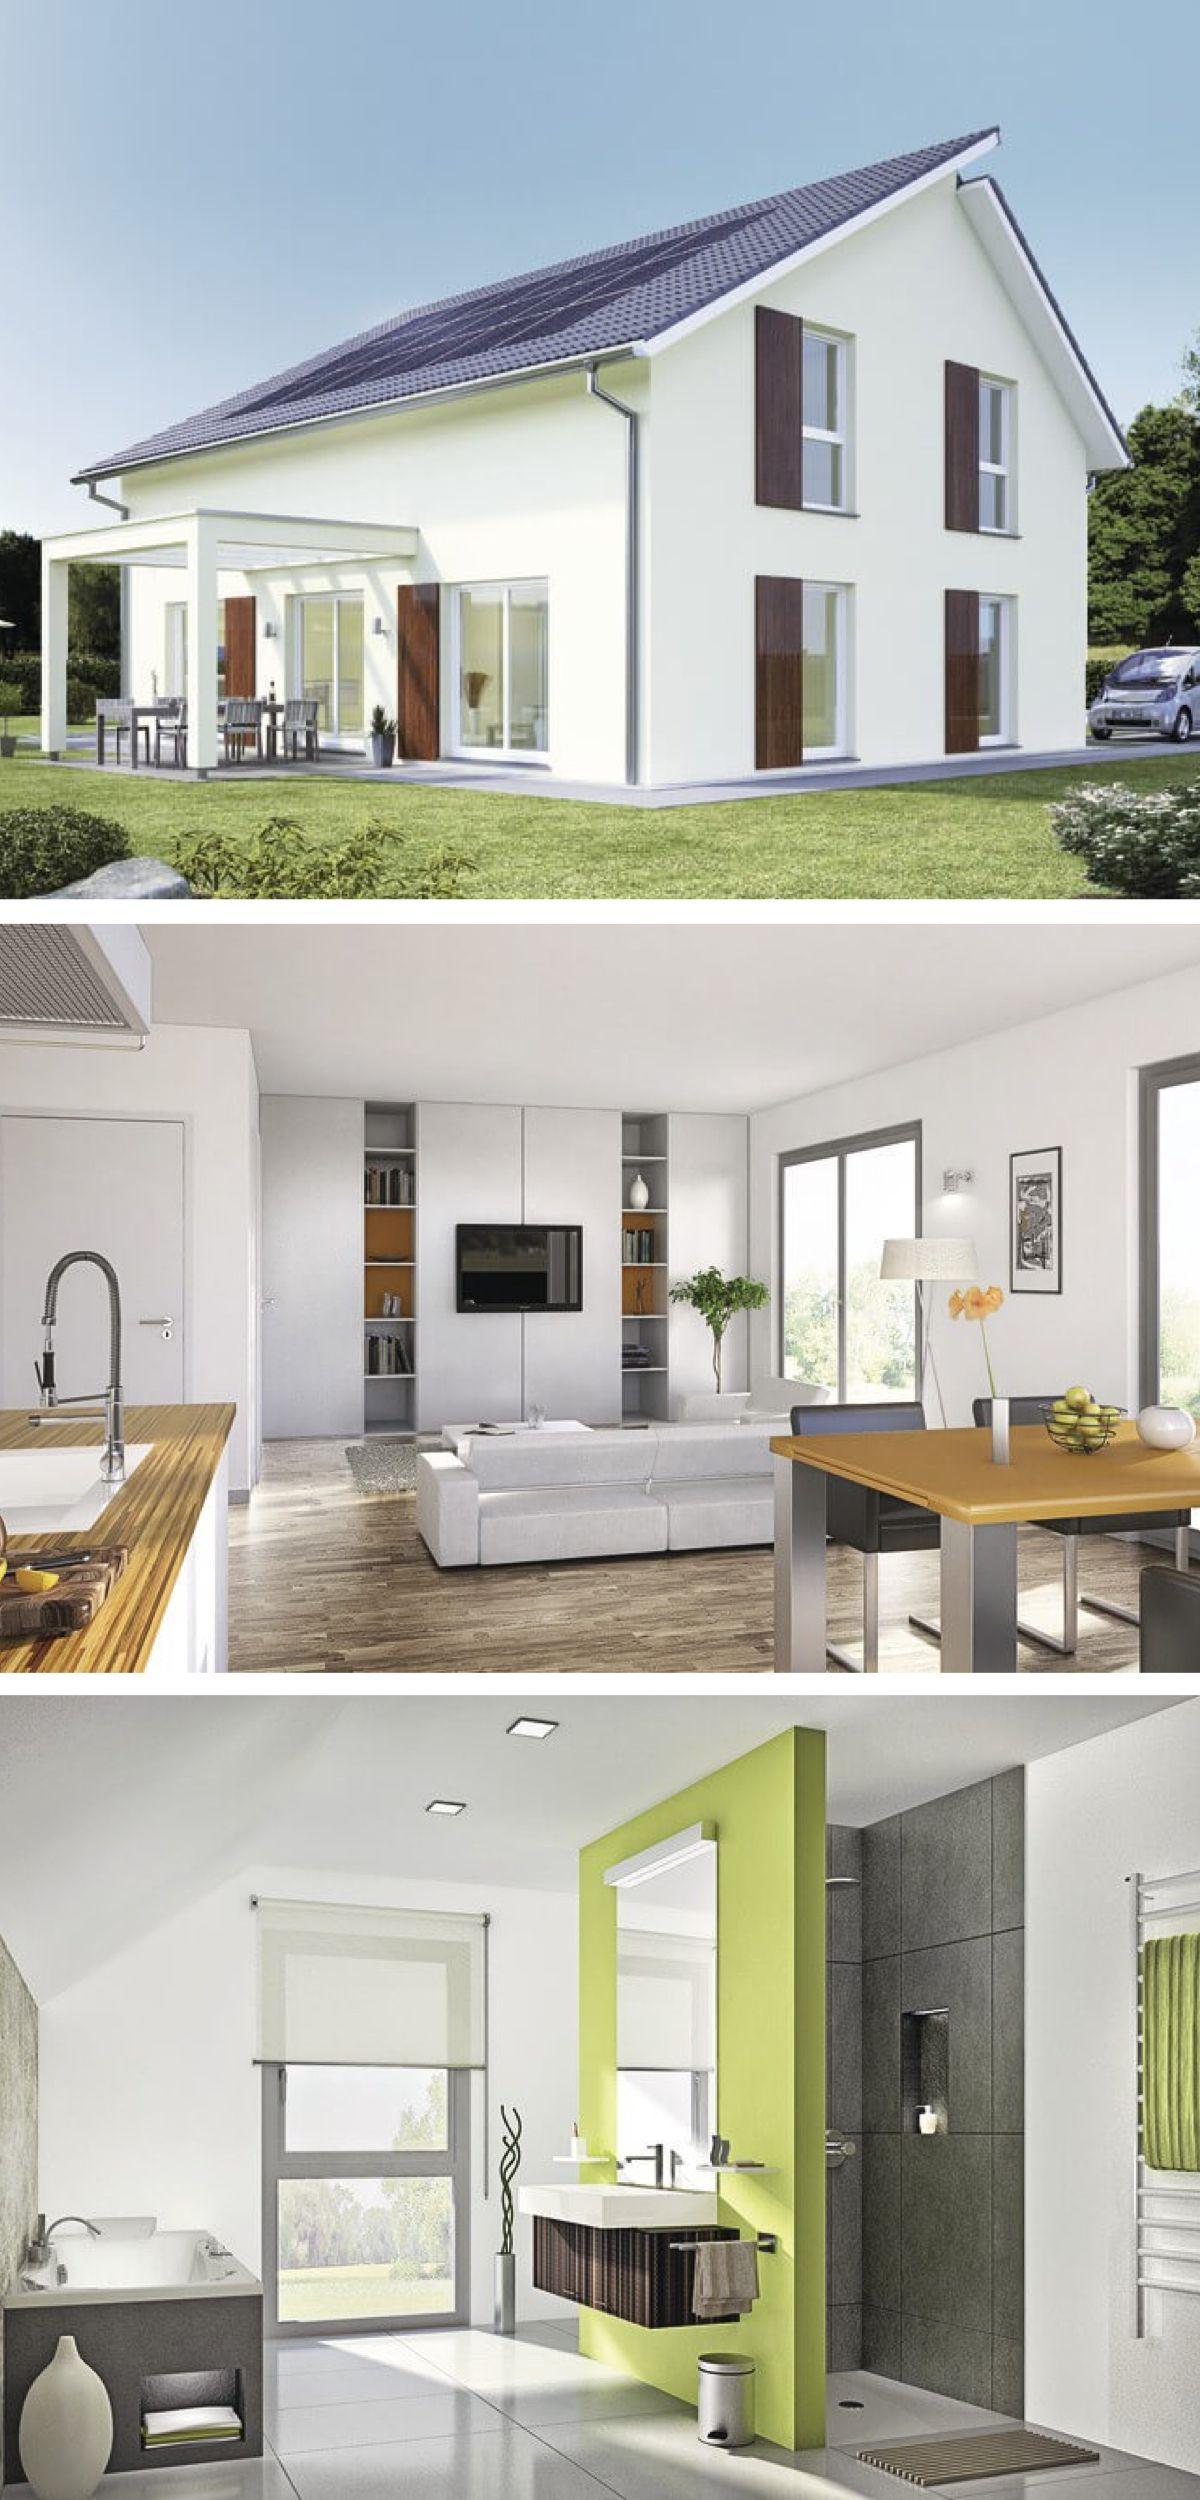 anbau haus ideen anbau wohnzimmer beispiele. Black Bedroom Furniture Sets. Home Design Ideas